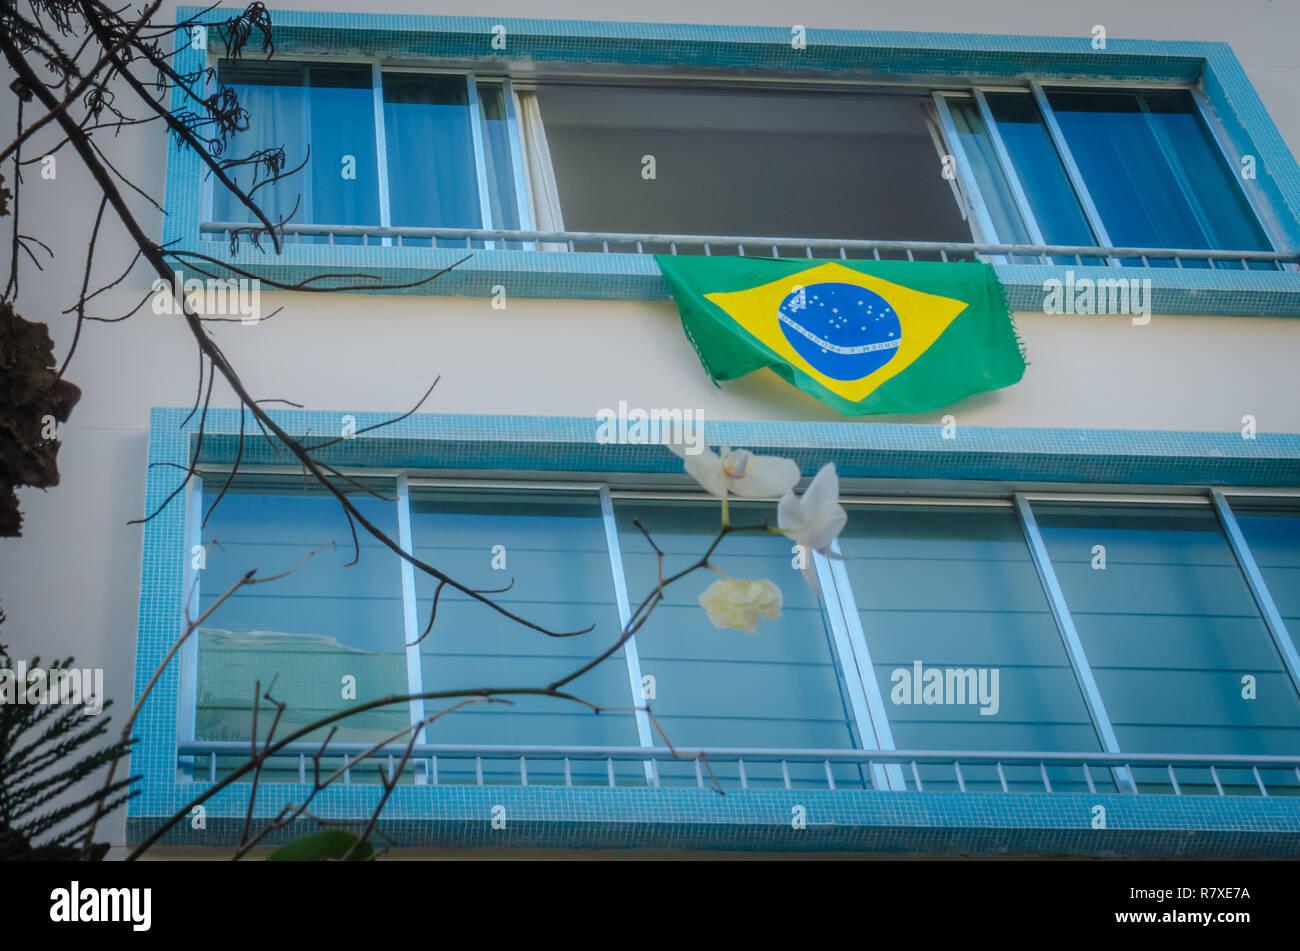 Manifestação em prédio no bairro de Botafogo, Rio de Janeiro, em 06-03-2016. - Stock Image